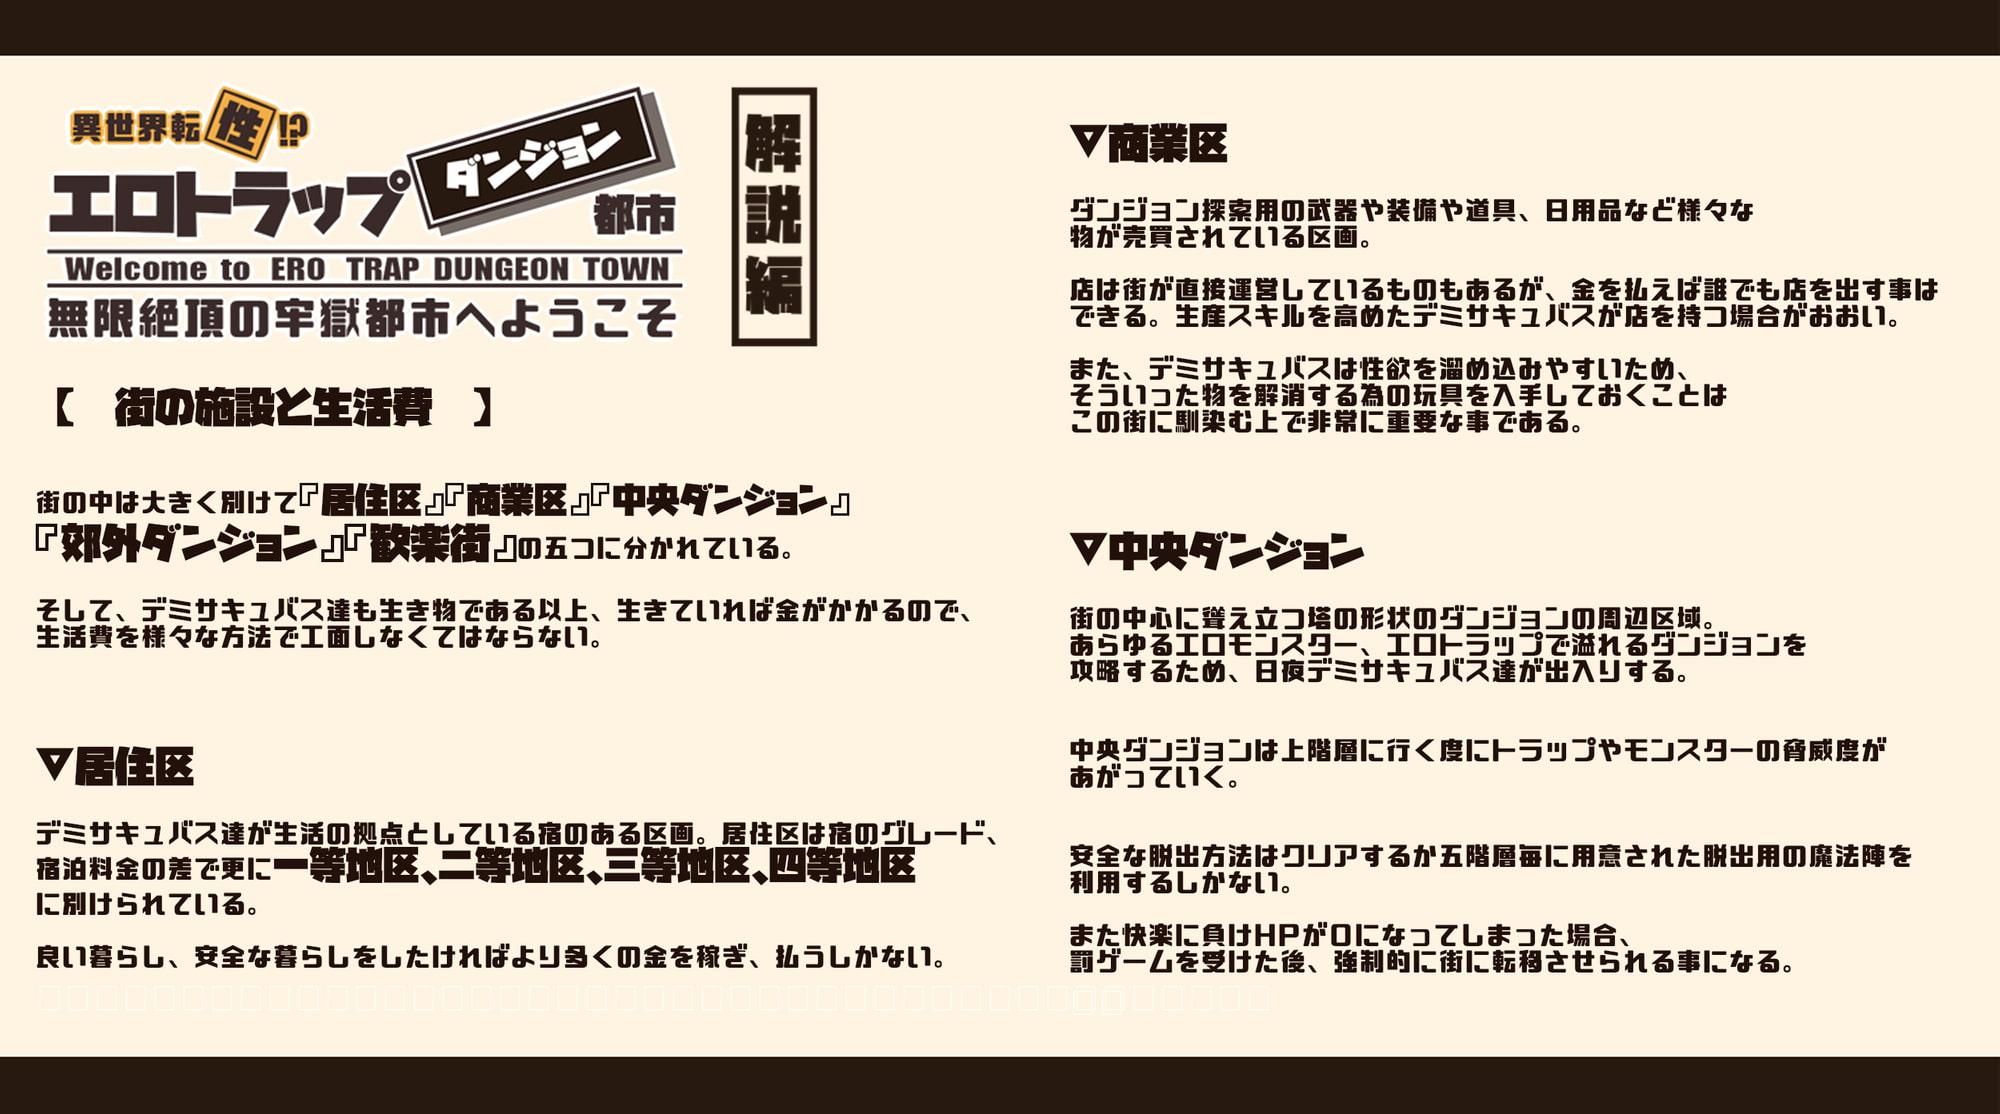 【CG集+おほ声ボイス+マゾシチュボイス動画】異世界転【性】エロトラップダンジョンタウン-無限絶頂の牢獄都市へようこそ-(1)